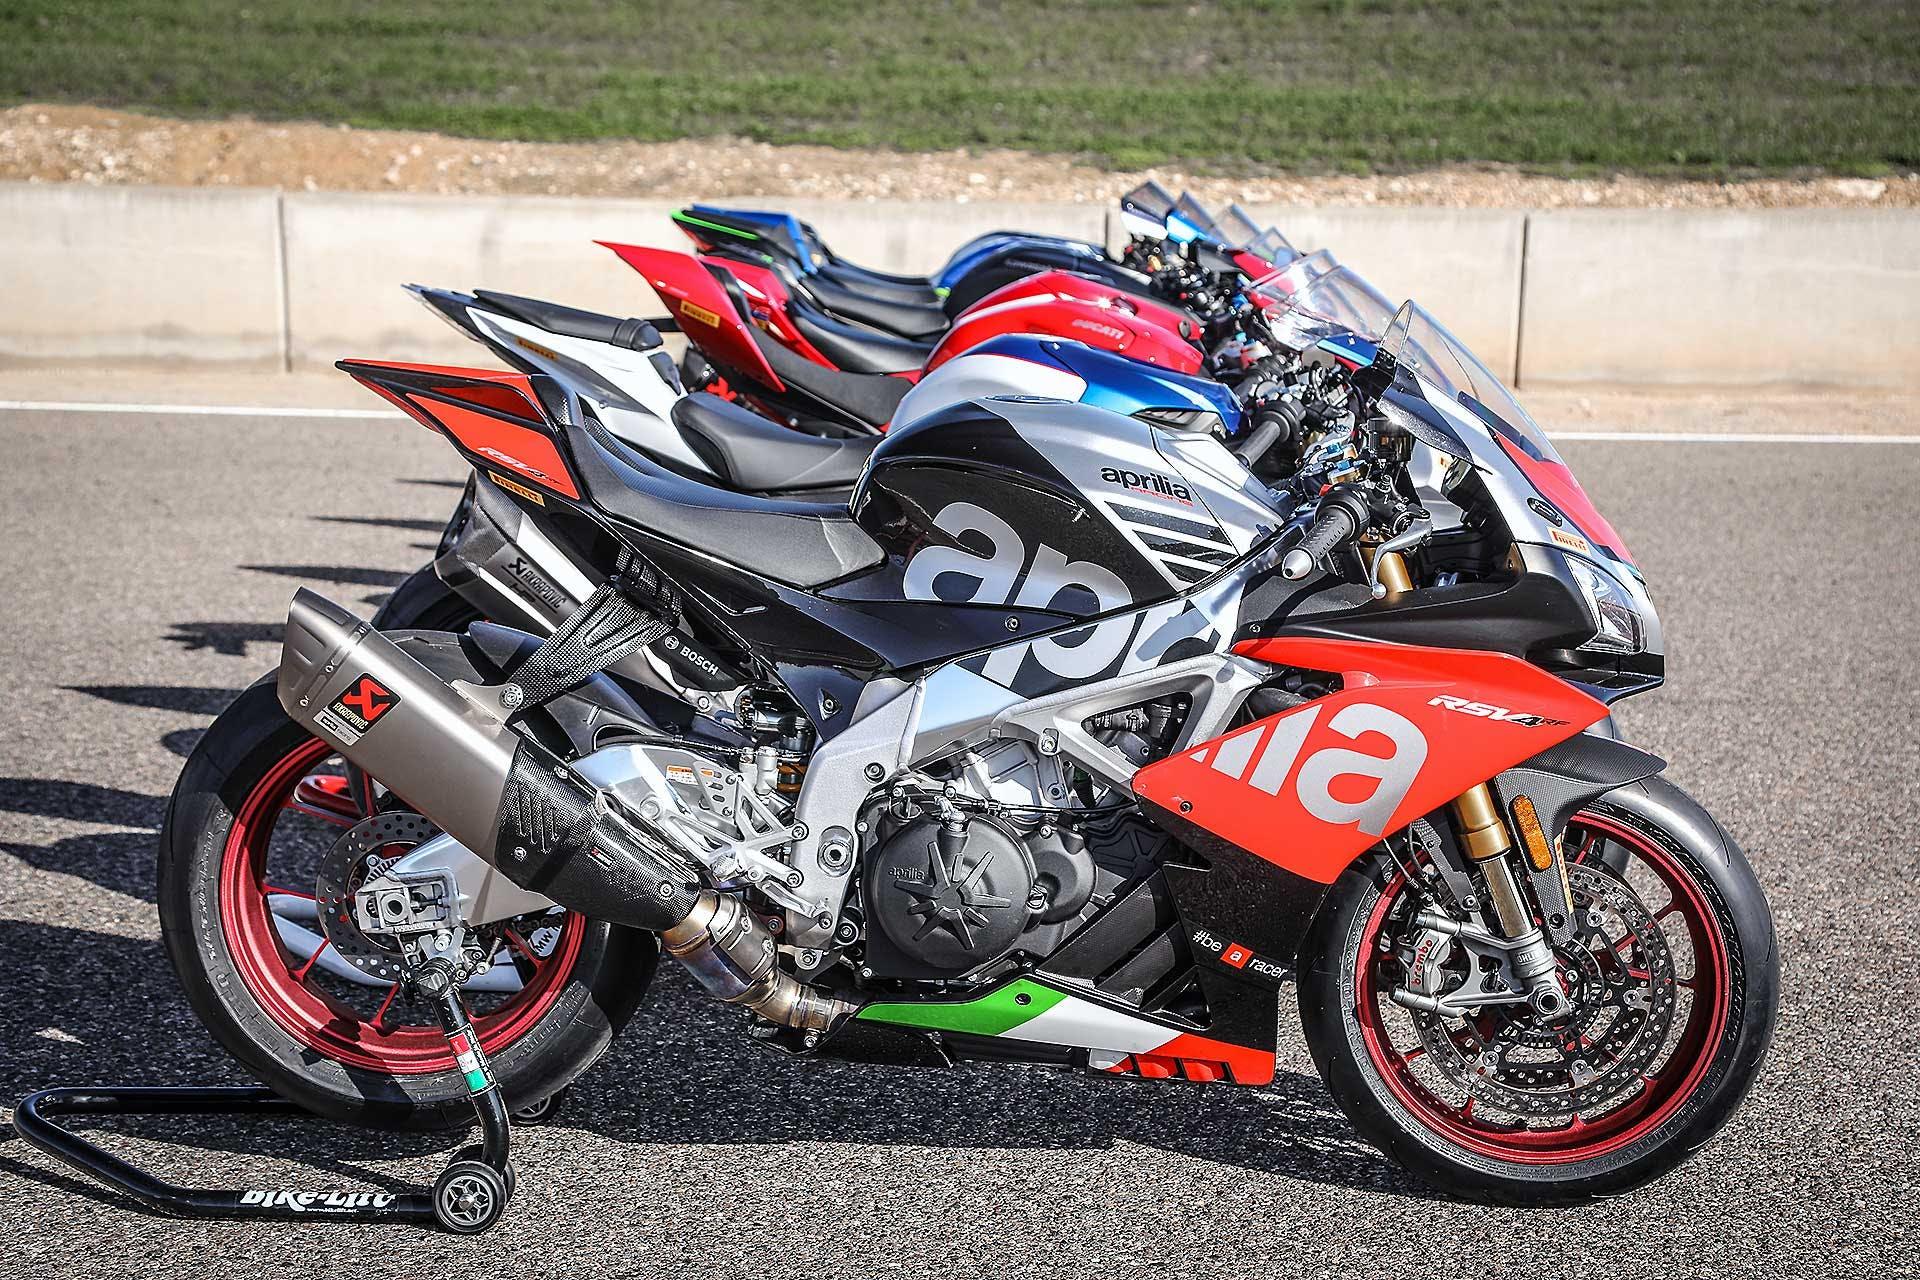 Comparativa 1000 SBK 2018 con Aprilia come prima moto